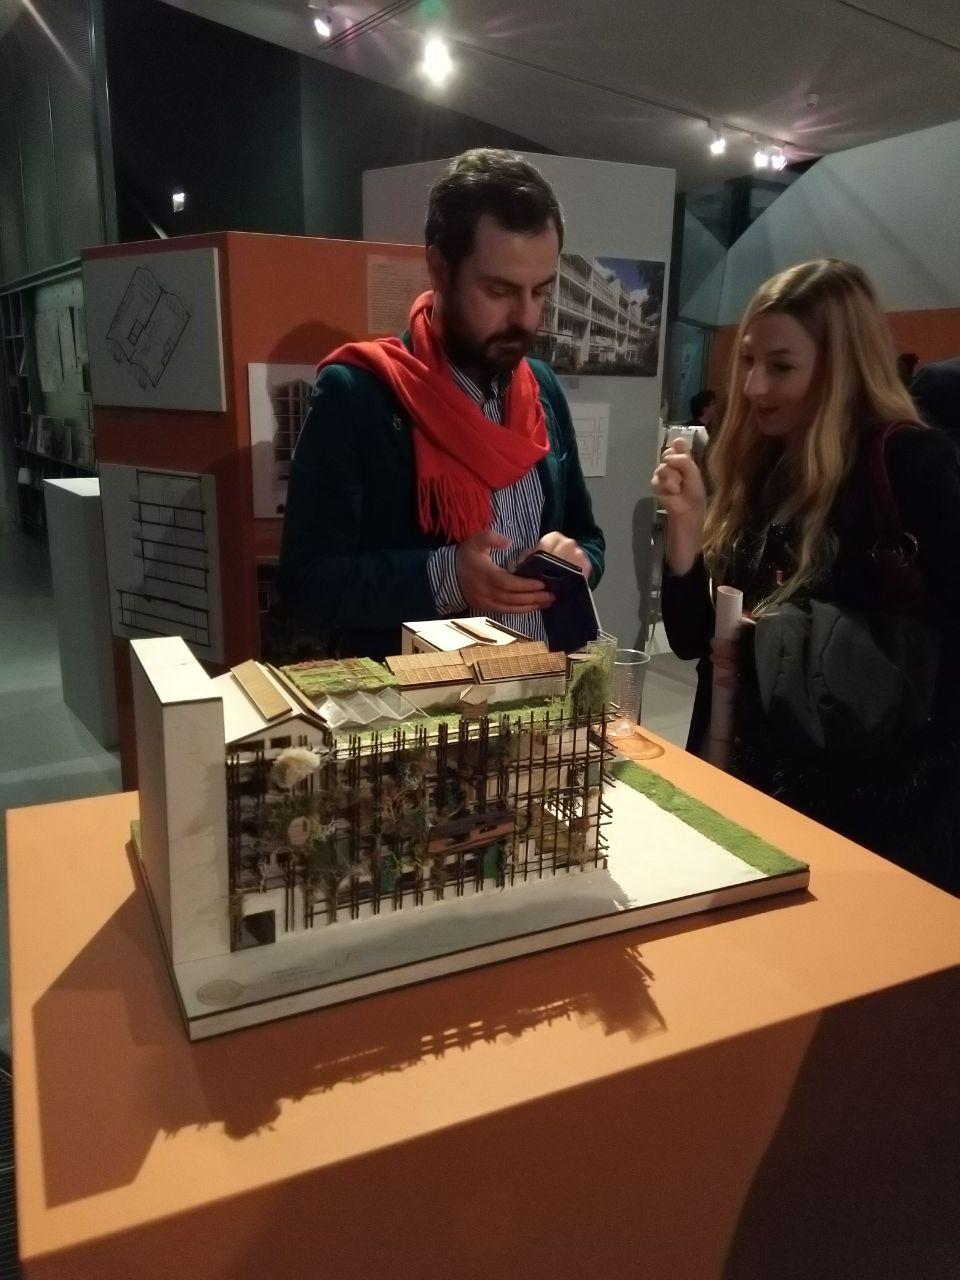 De maquette van De Warren bij ARCAM, (c) Natrufied Architecture